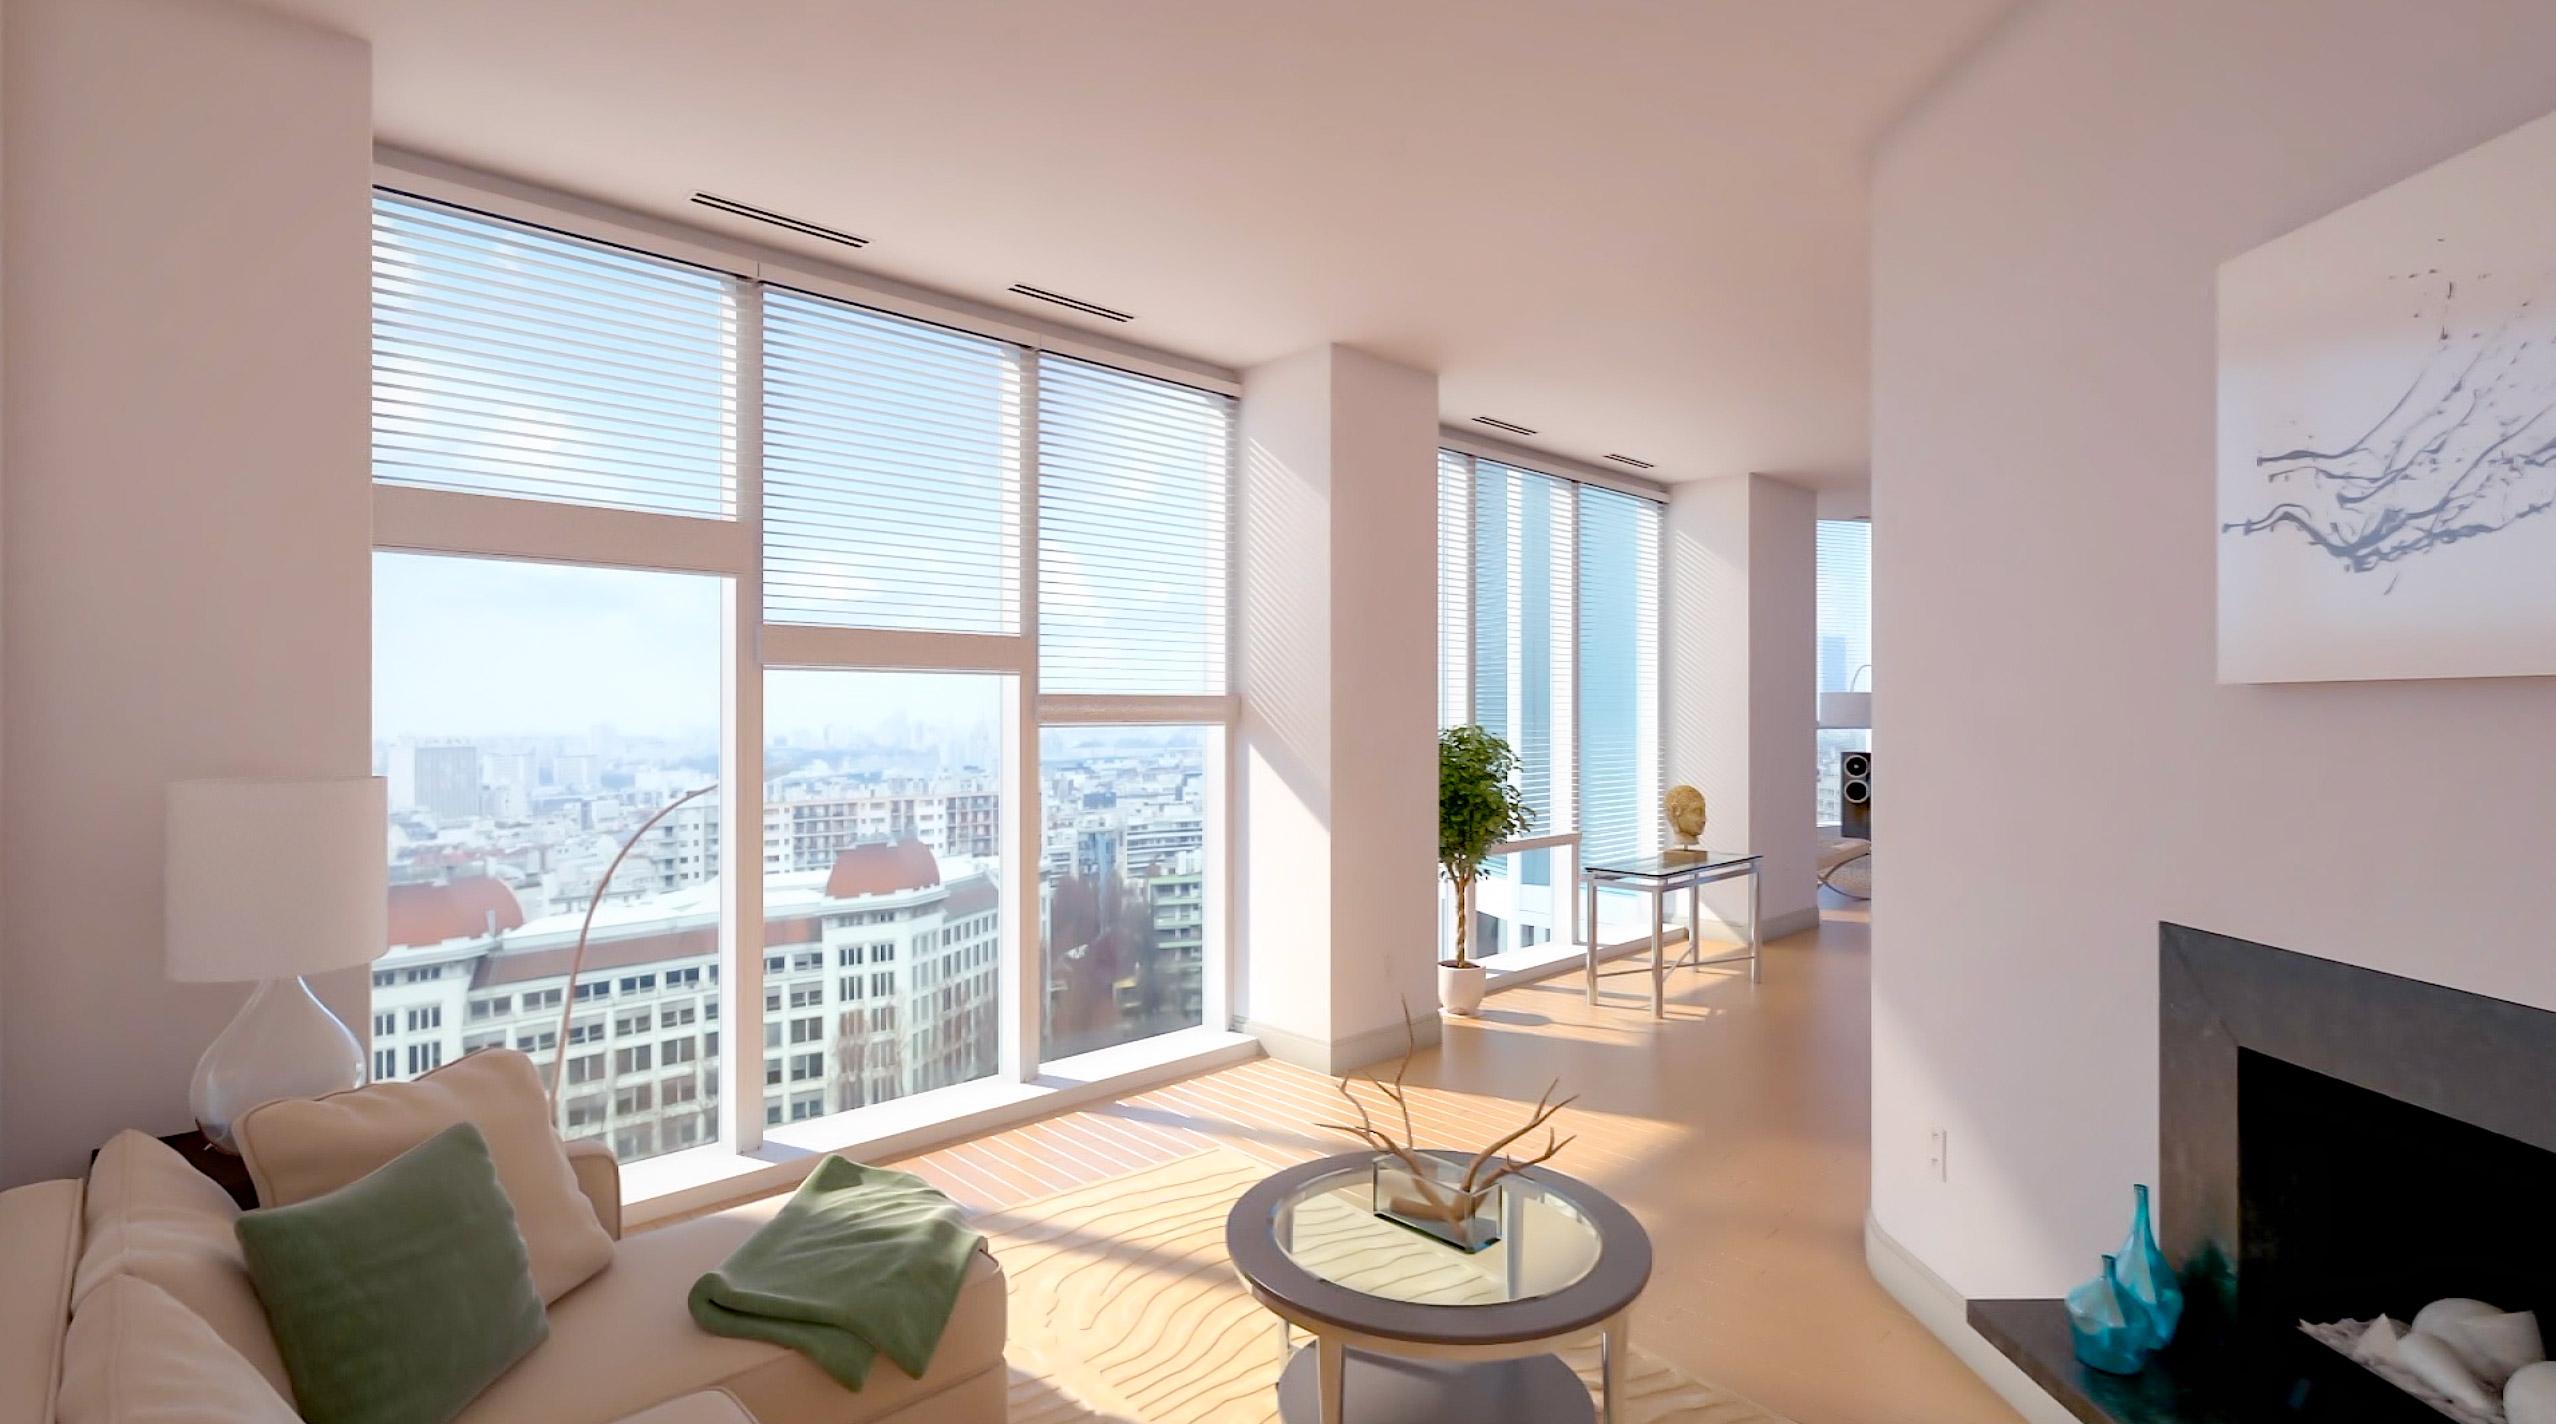 Osłony okienne w nowoczesnym wydaniu - podpowiadamy jakie wybrać 1